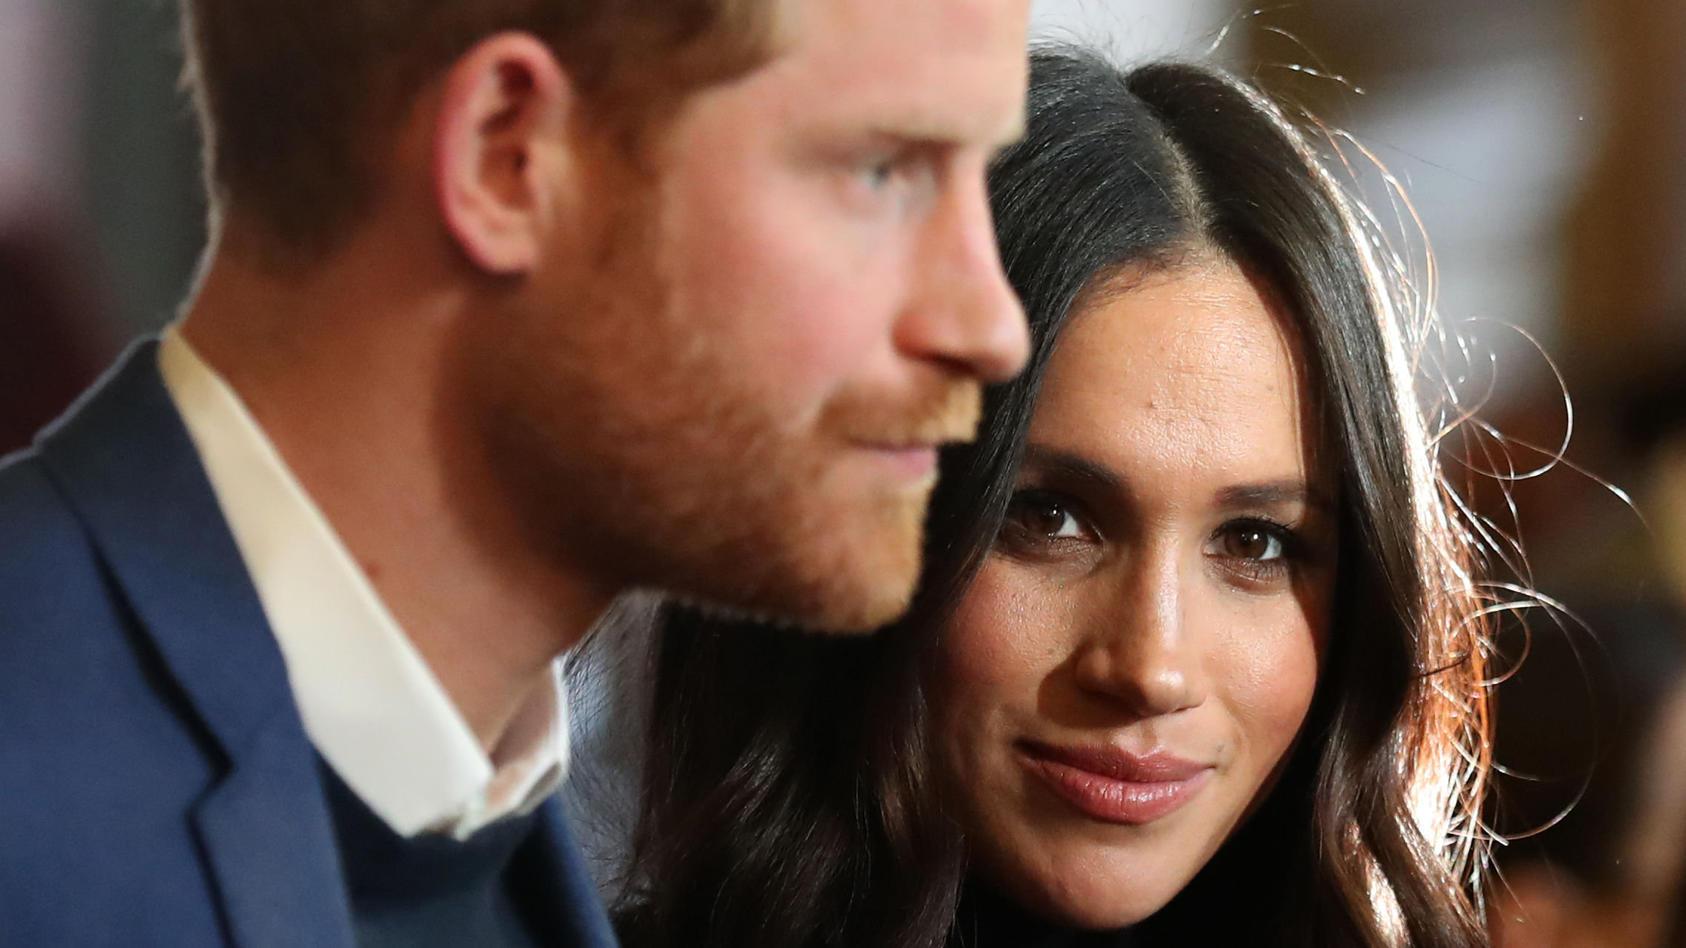 Prinz Harry und Herzogin Meghan: Werden sie in ihren Büchern weitere, pikante Details enthüllen?